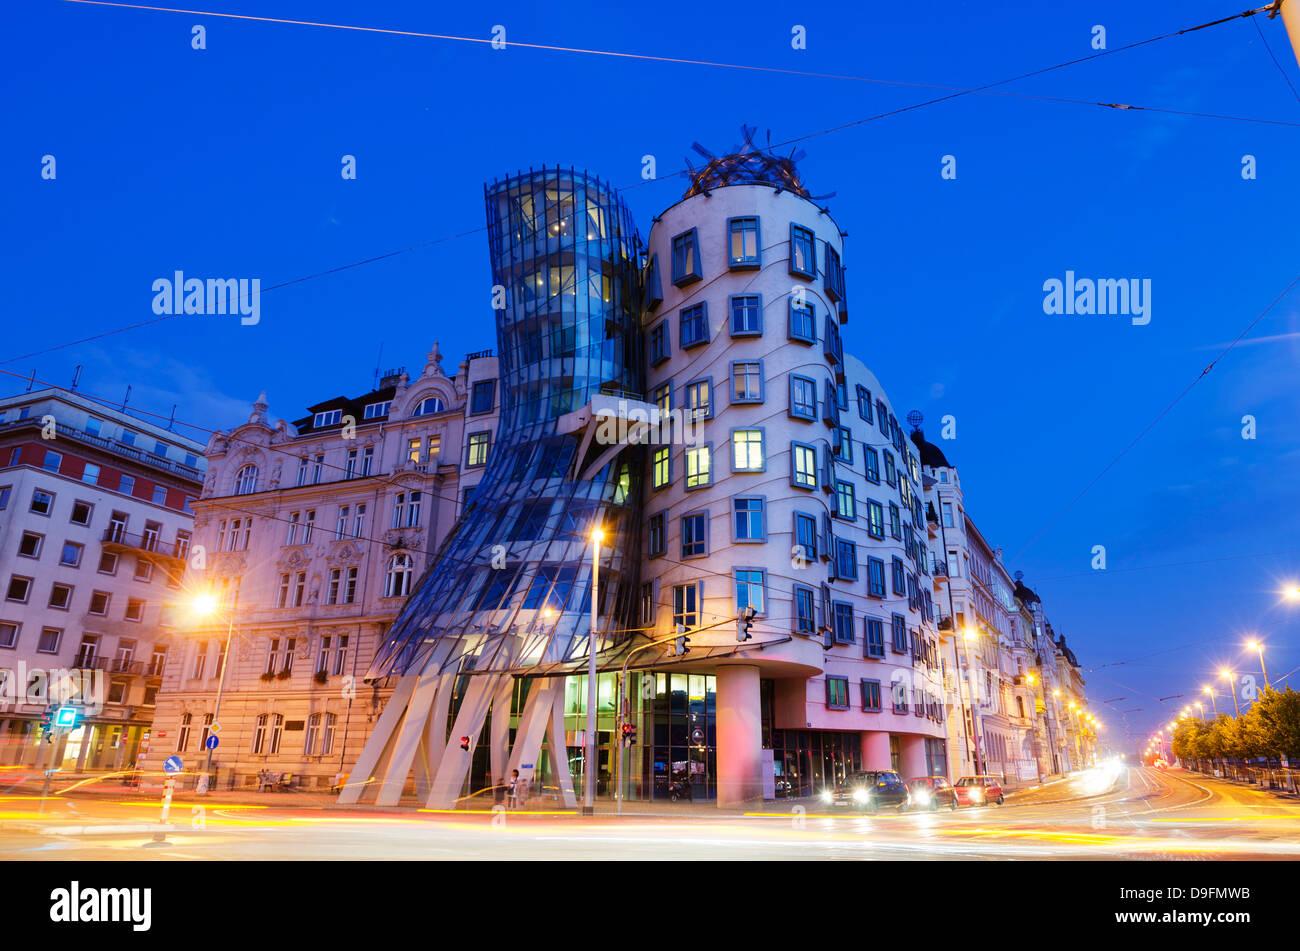 Fred und Ginger Tanzschule, Tanzhaus, entworfen von Frank O Geary, Prag, Tschechische Republik Stockbild